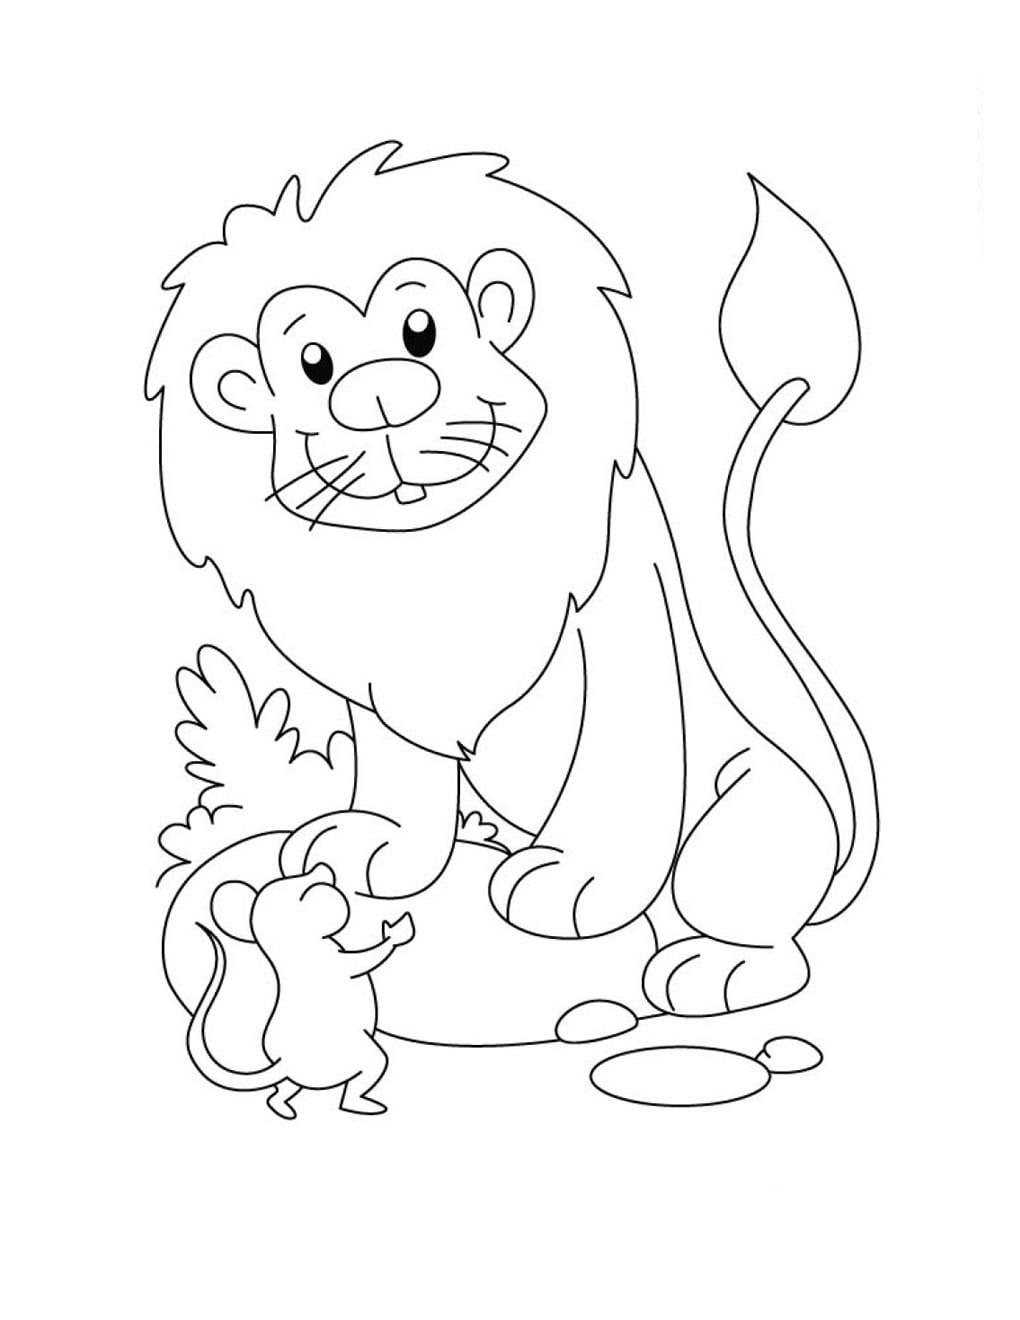 Desenho De Leão Conversando Com Ratinho Para Colorir